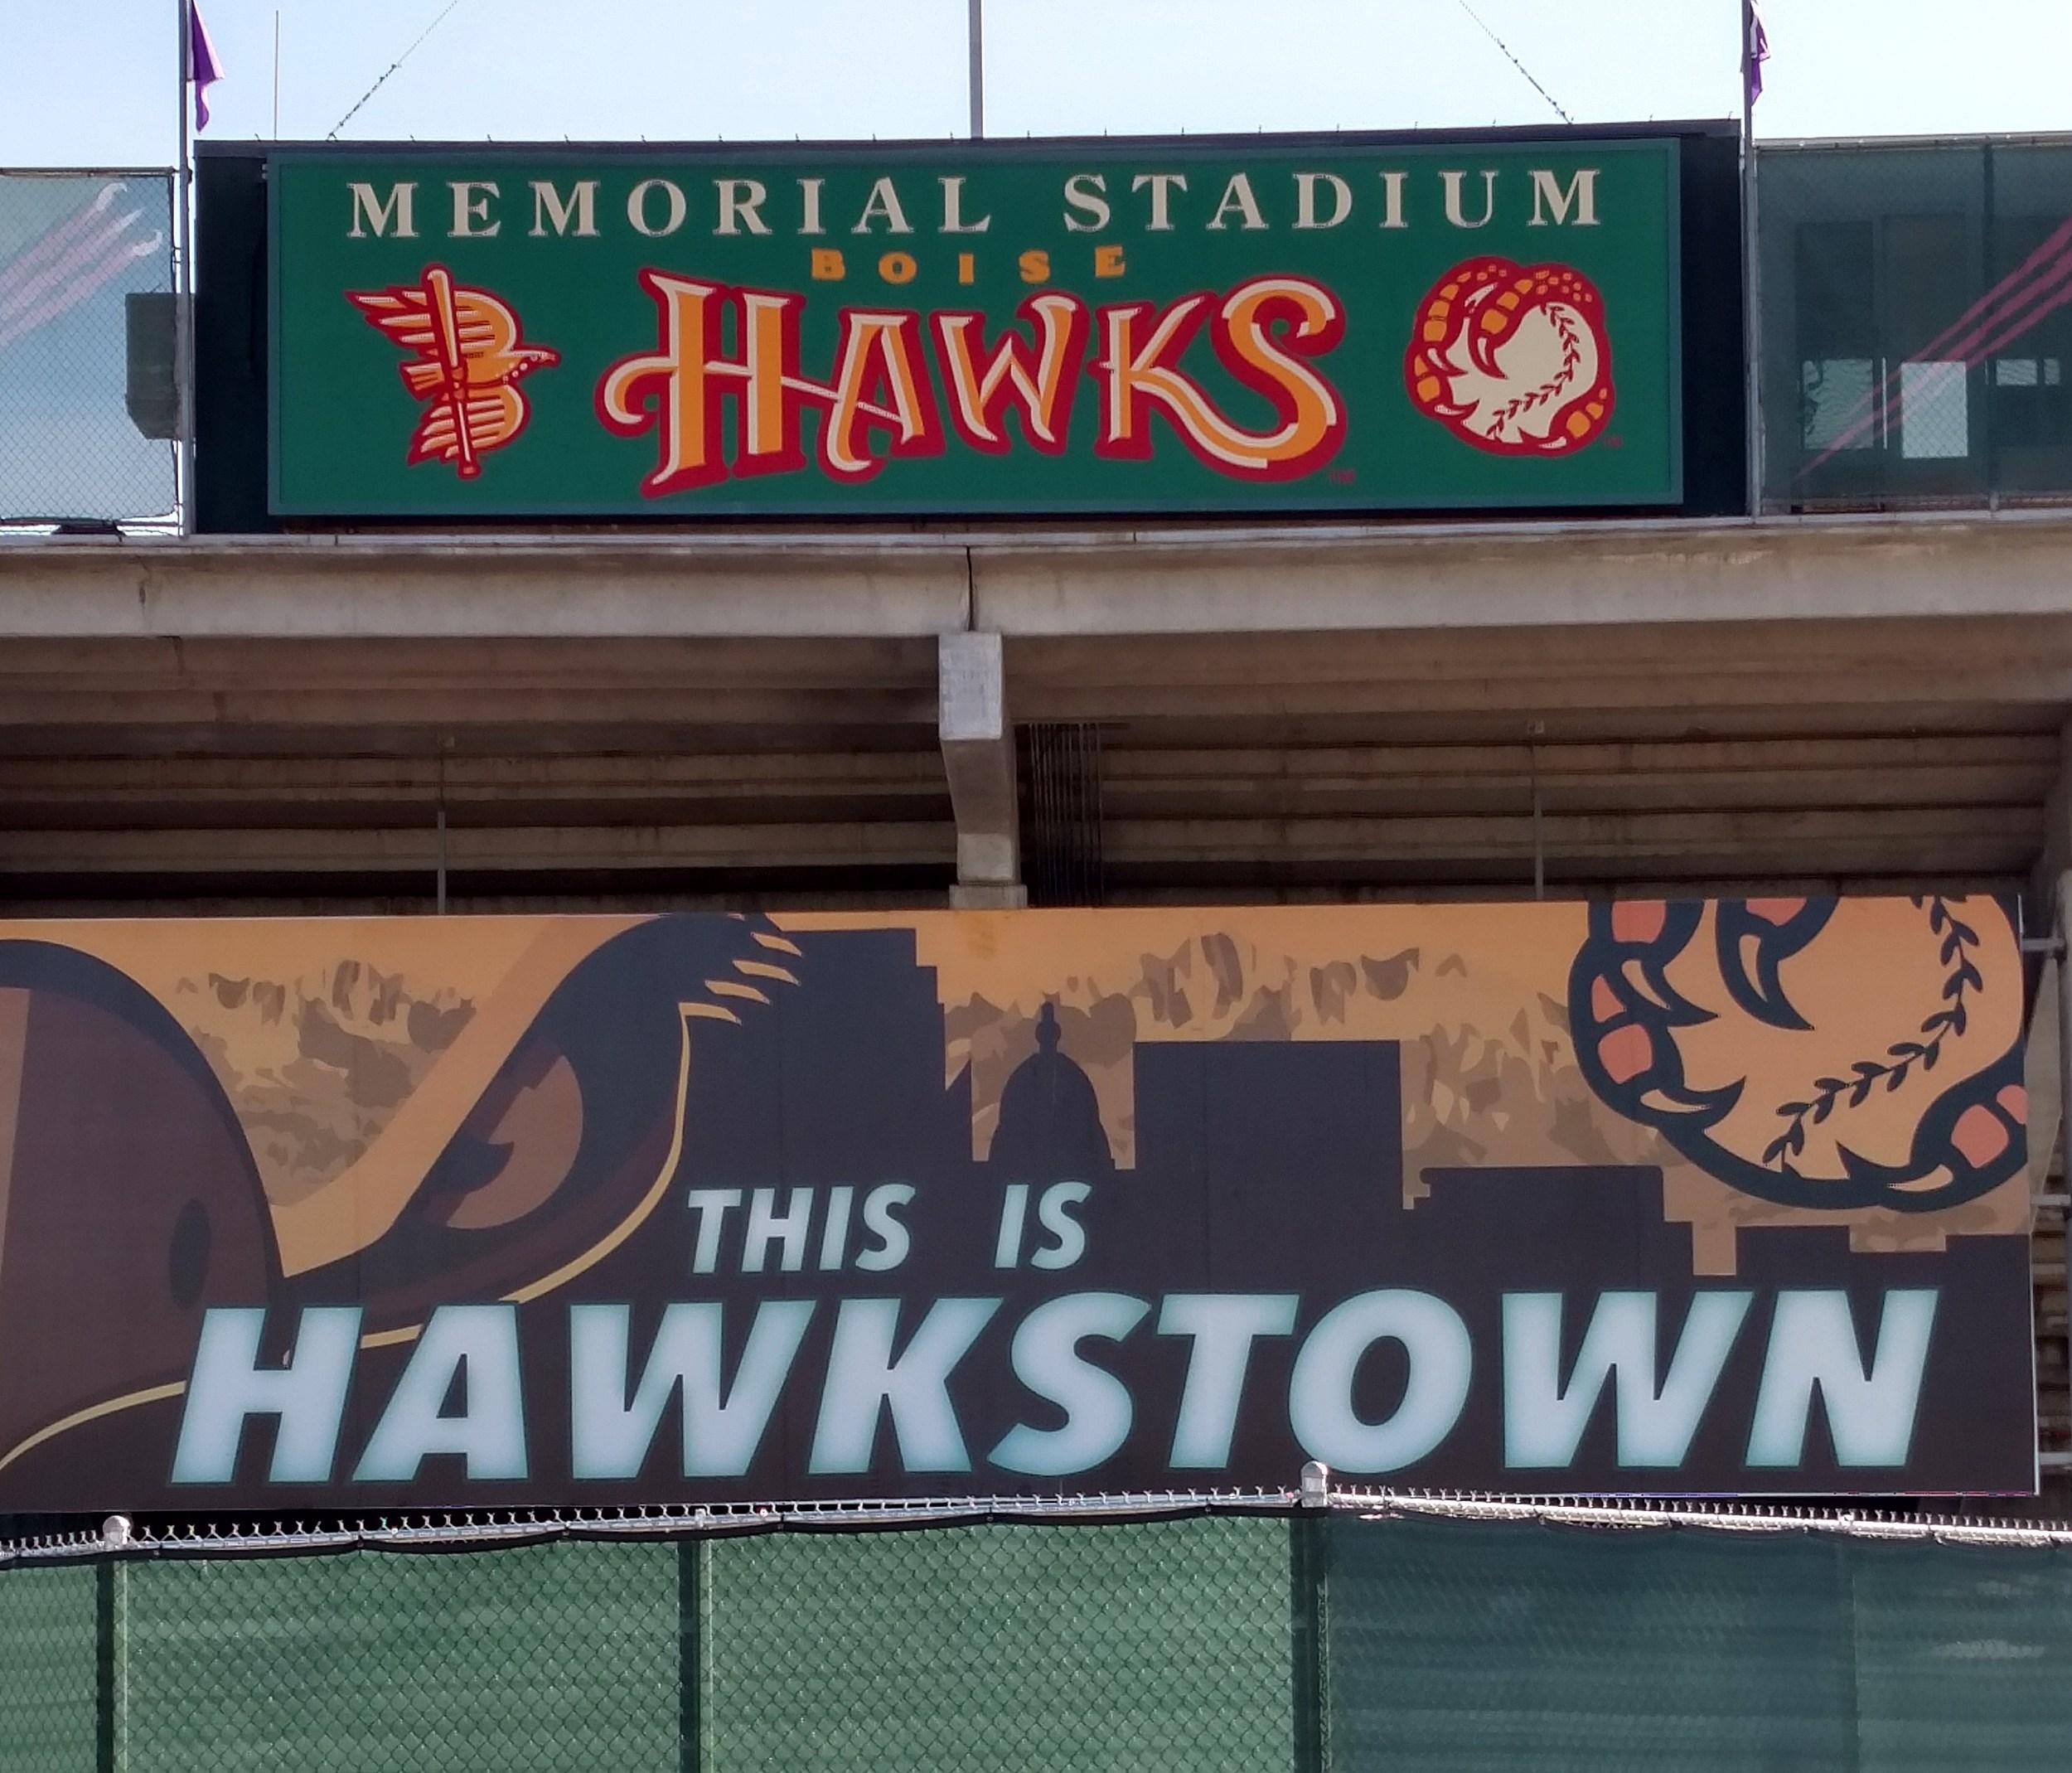 hawks_stadium